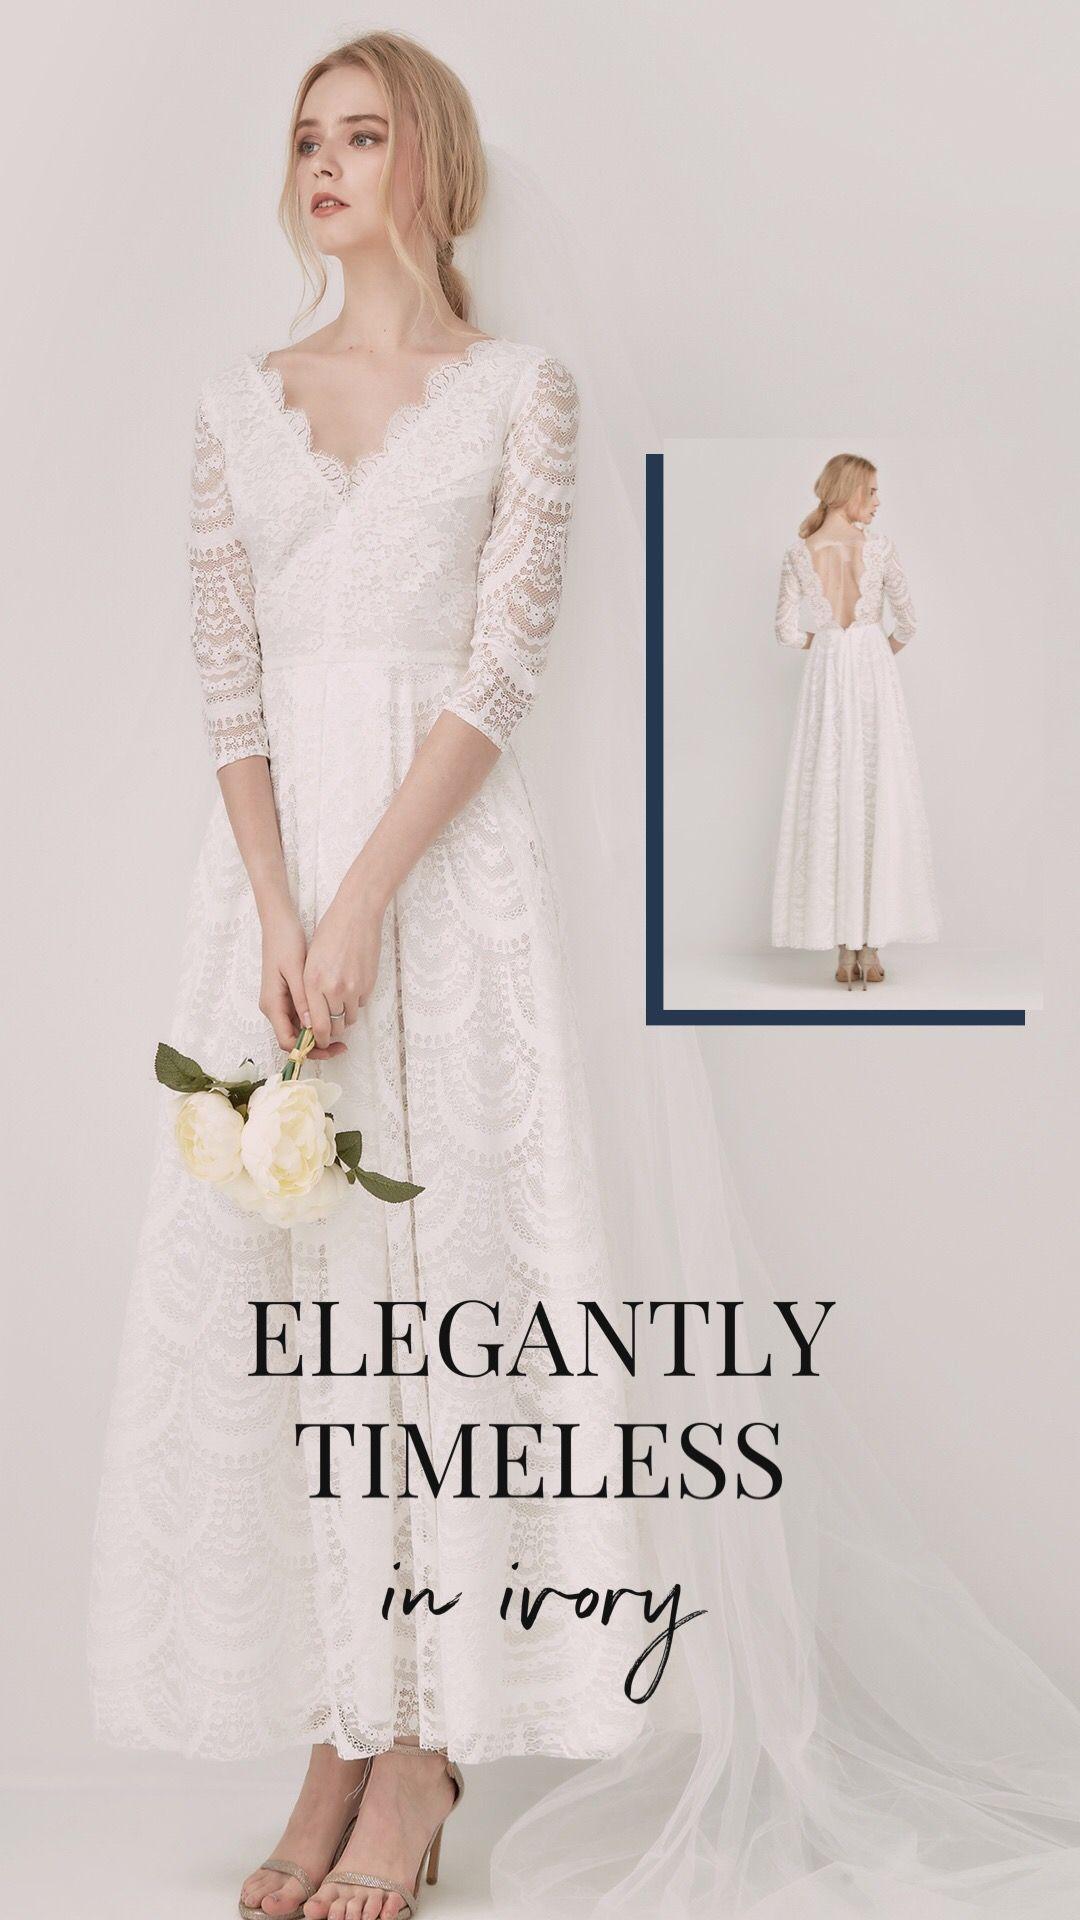 Usd 289 A Line Ankle Length Lace D Wedding Dress Pw0035 Ankle Length Wedding Dress Wedding Dresses Short Bride [ 1920 x 1080 Pixel ]